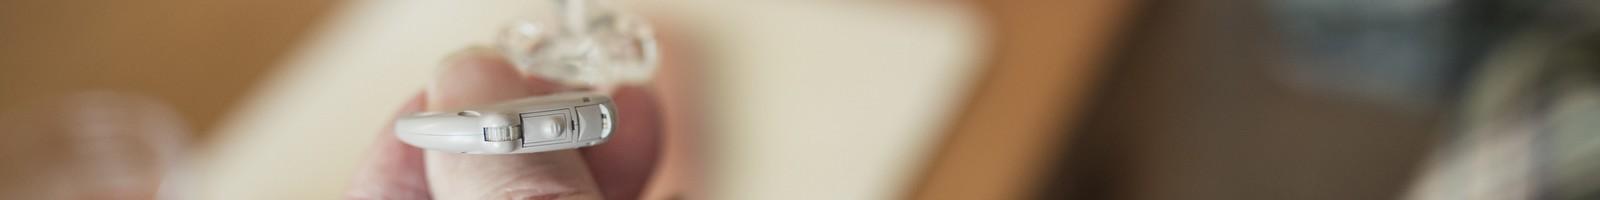 Les prix des prothèses auditives ont baissé pour anticiper l'application du reste à charge zéro